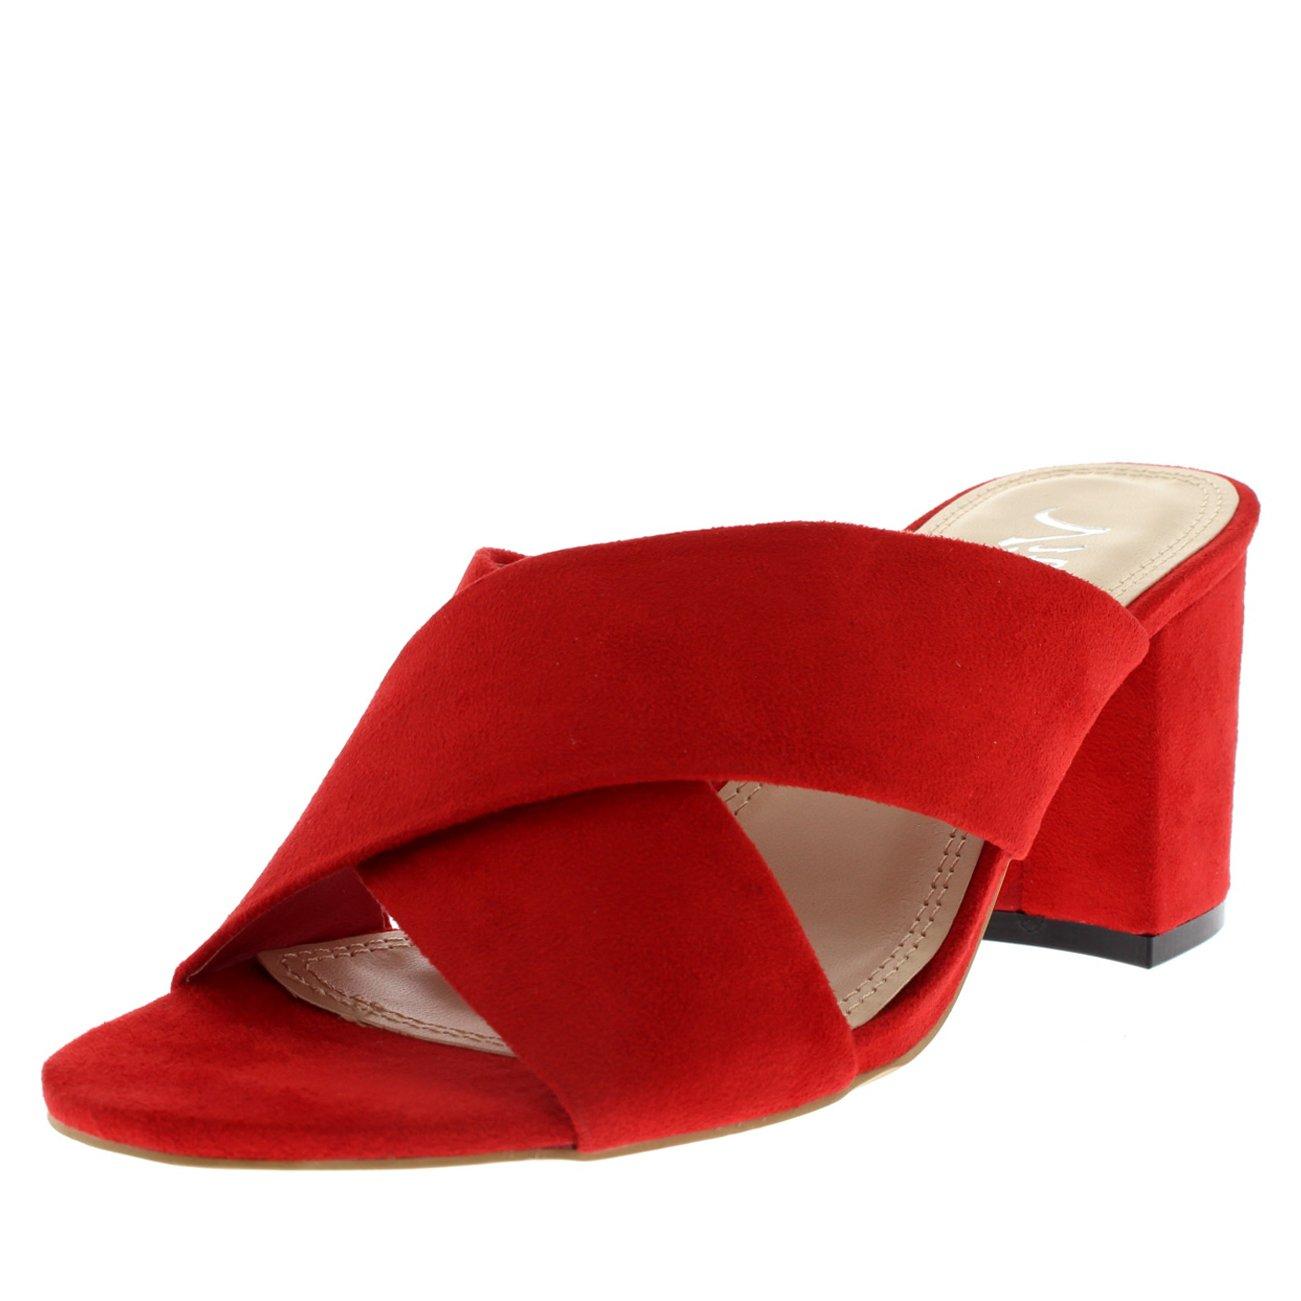 ee949b99473 Viva Womens Cross Strap Mules Block Heel Open Toe Fashion Cut Out Sandal  Heel